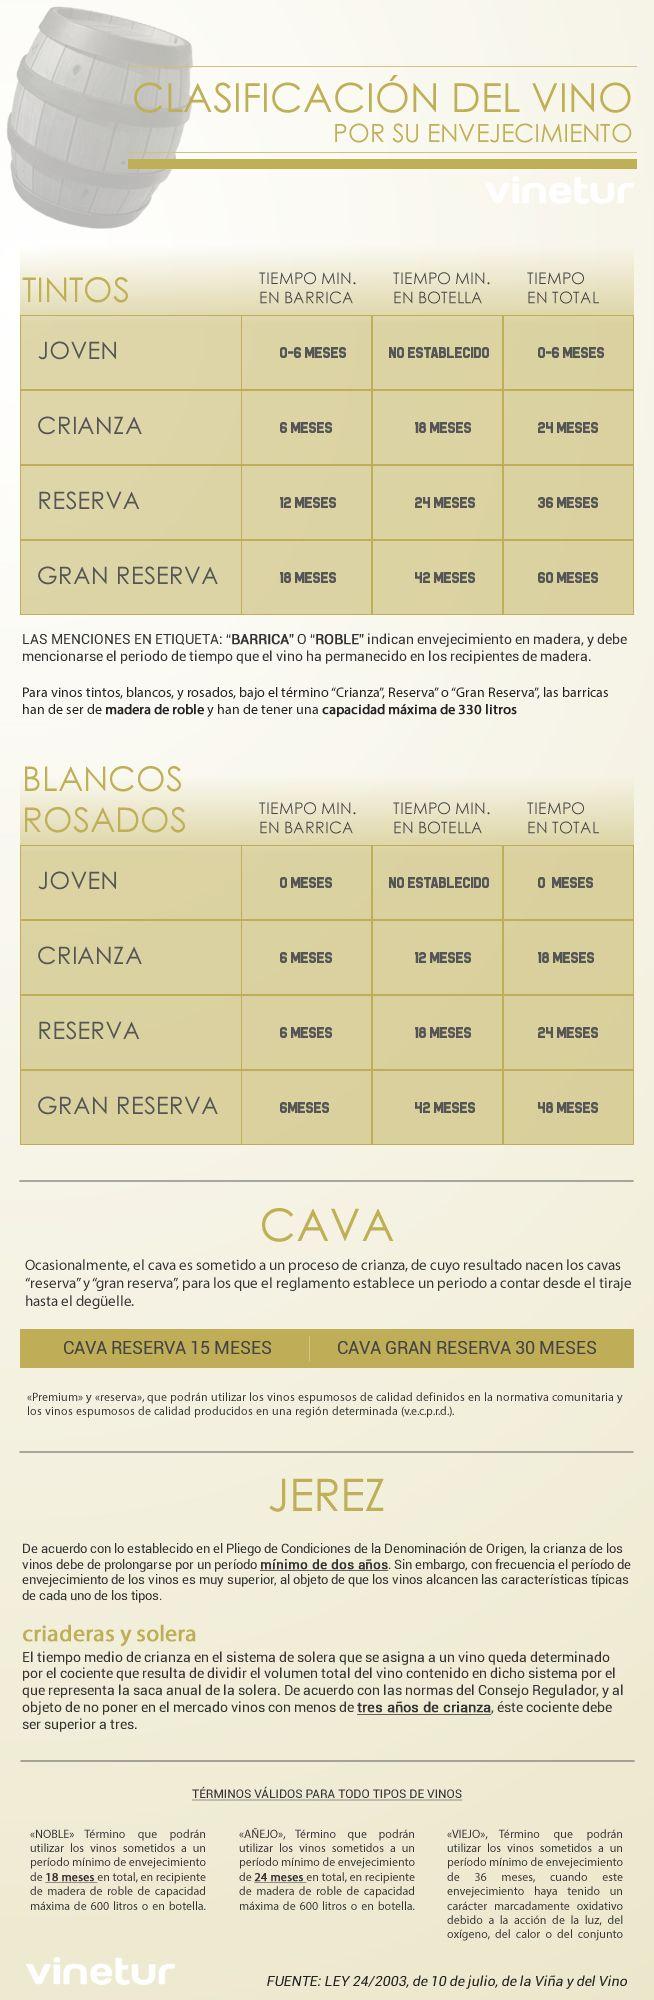 """¿Qué es un vino """"crianza"""", """"reserva"""" y """"gran reserva""""? https://www.vinetur.com/2015041618997/que-es-un-vino-crianza-reserva-y-gran-reserva.html"""